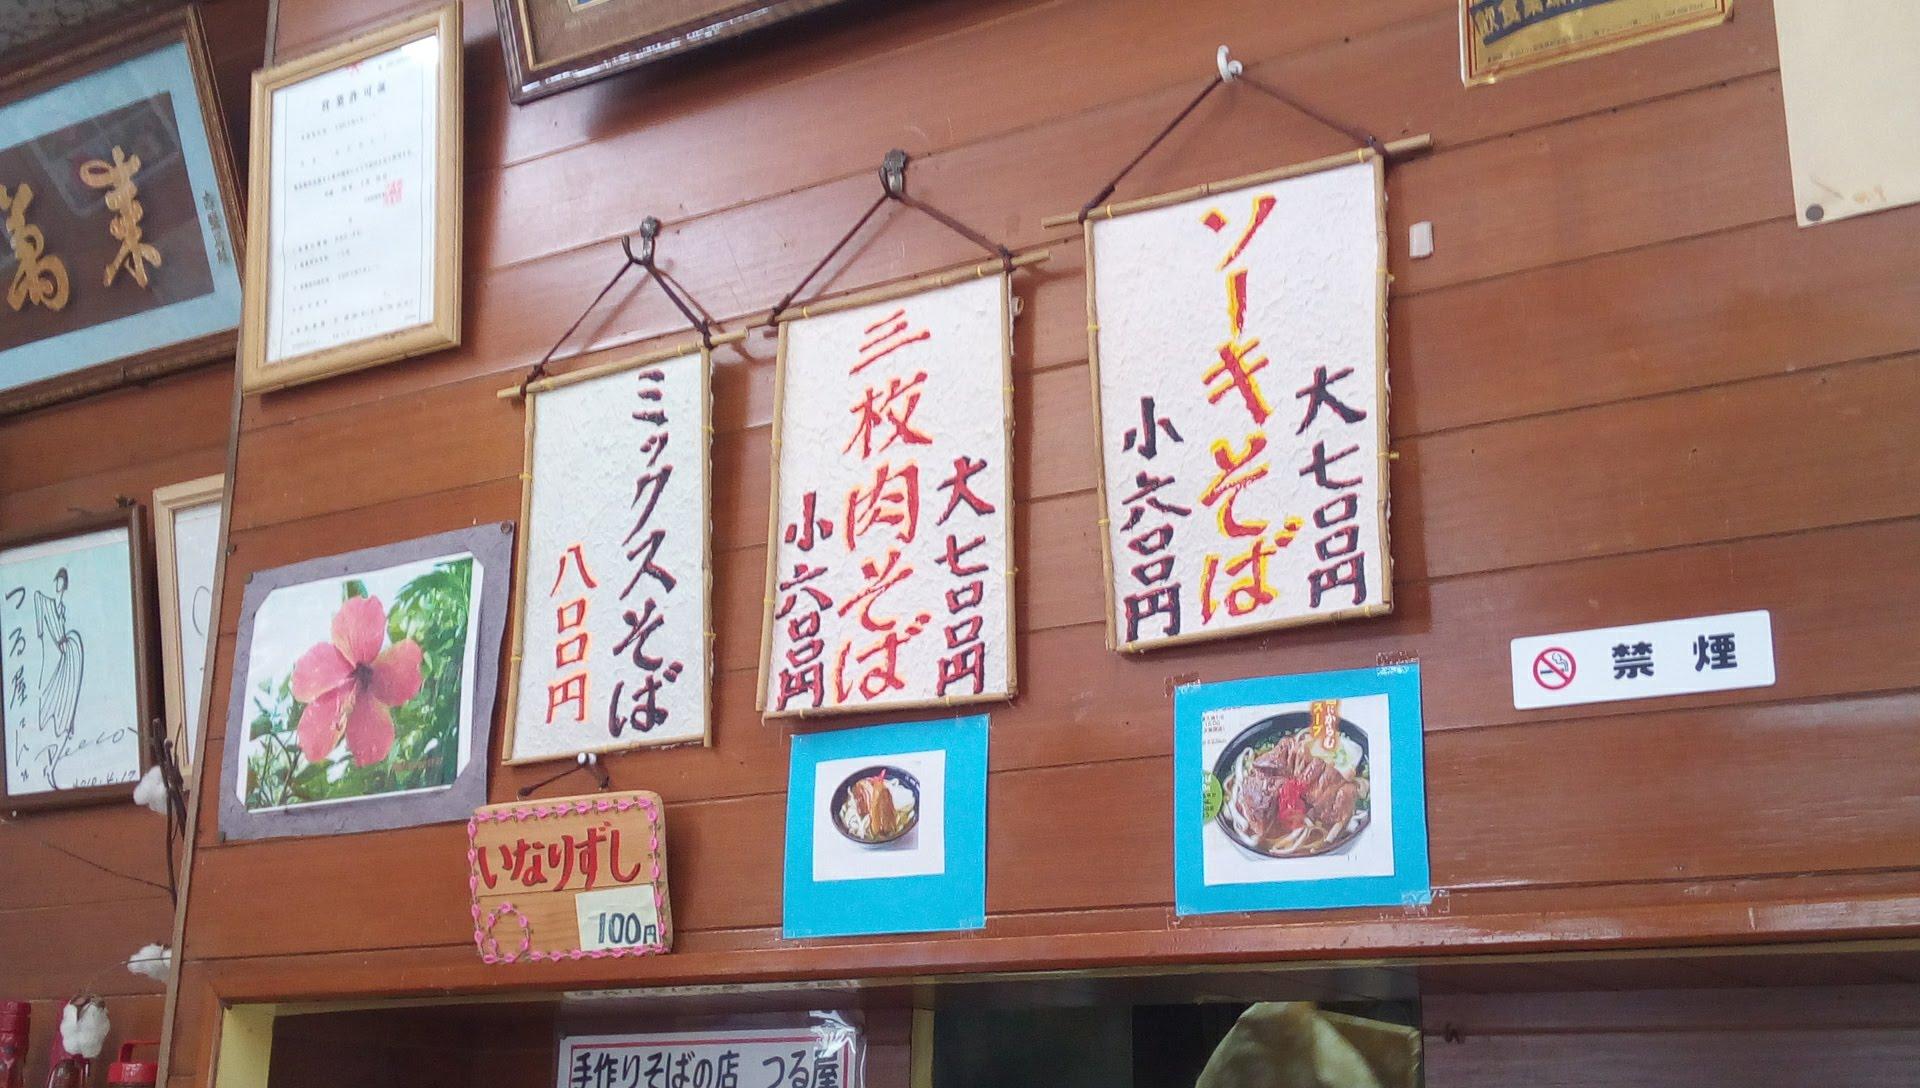 The menu of Tsuruya